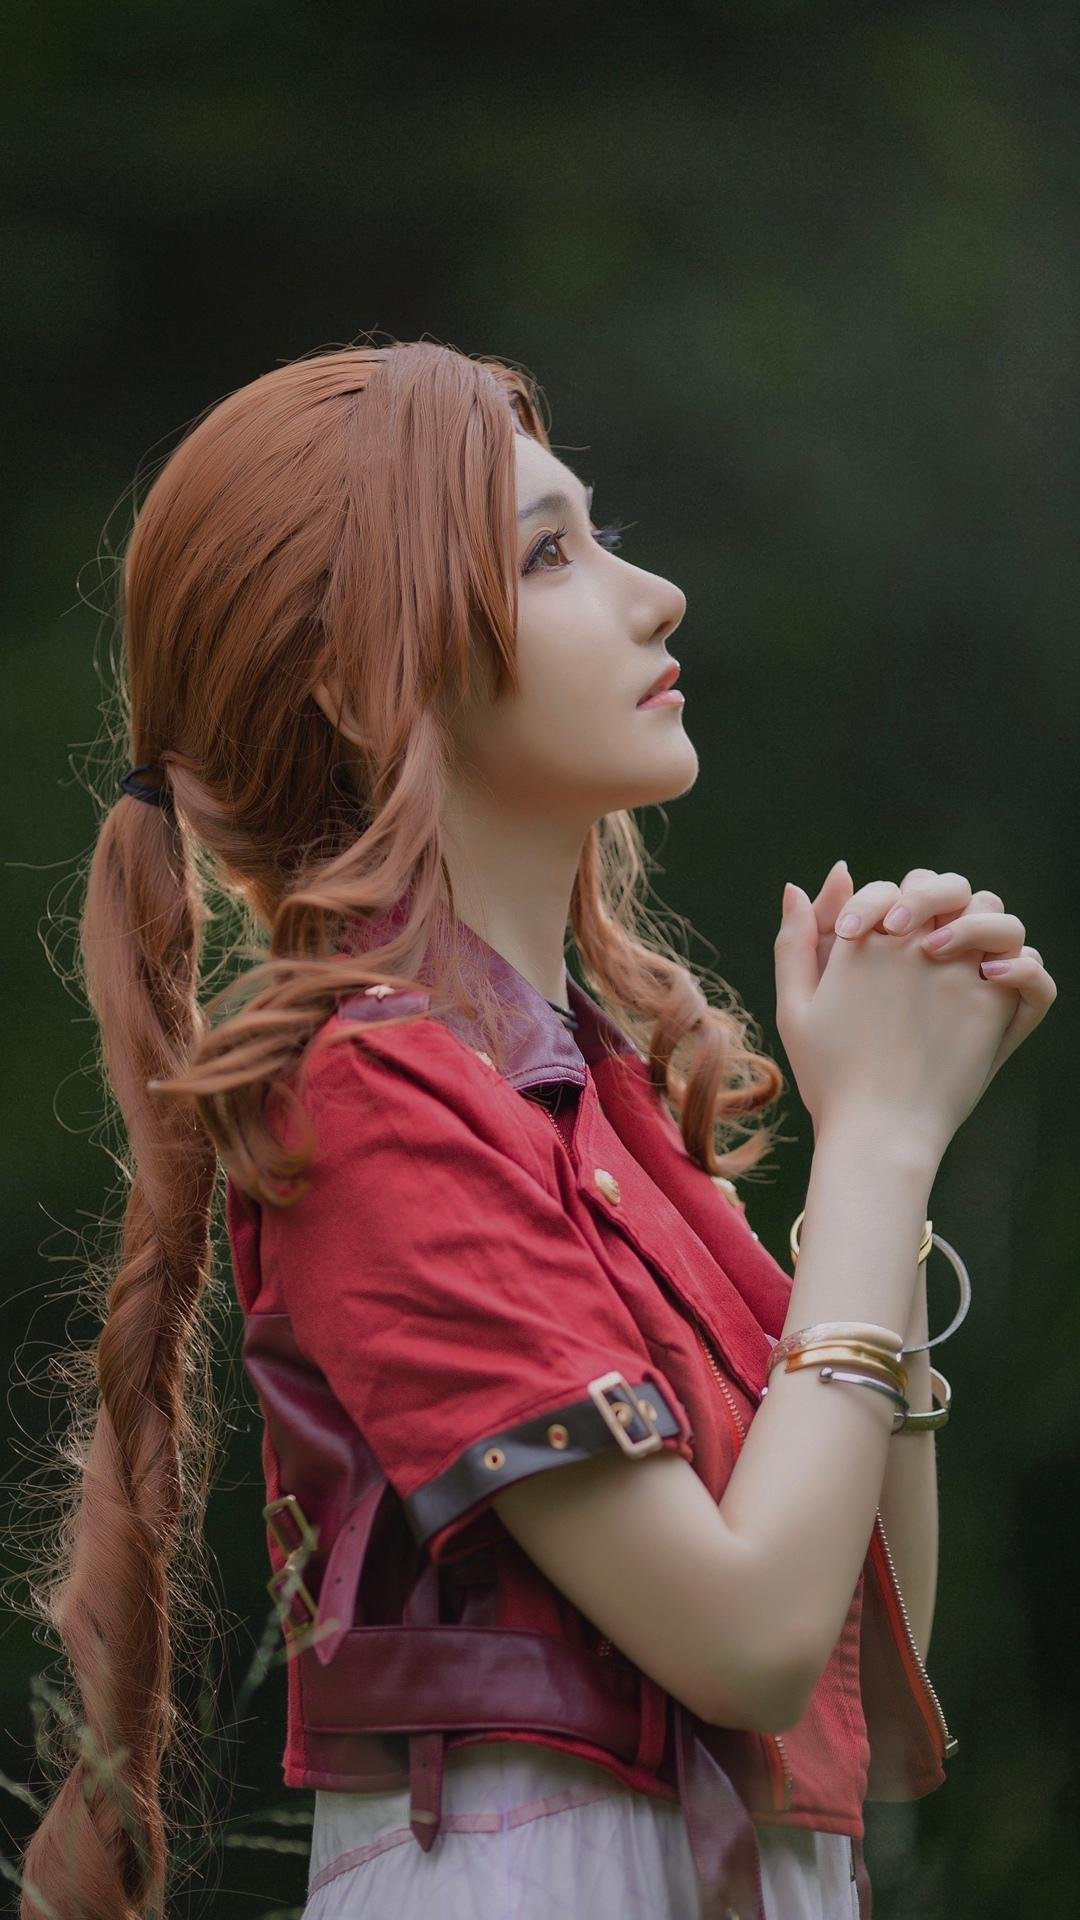 最终幻想爱丽神级cosplay写真